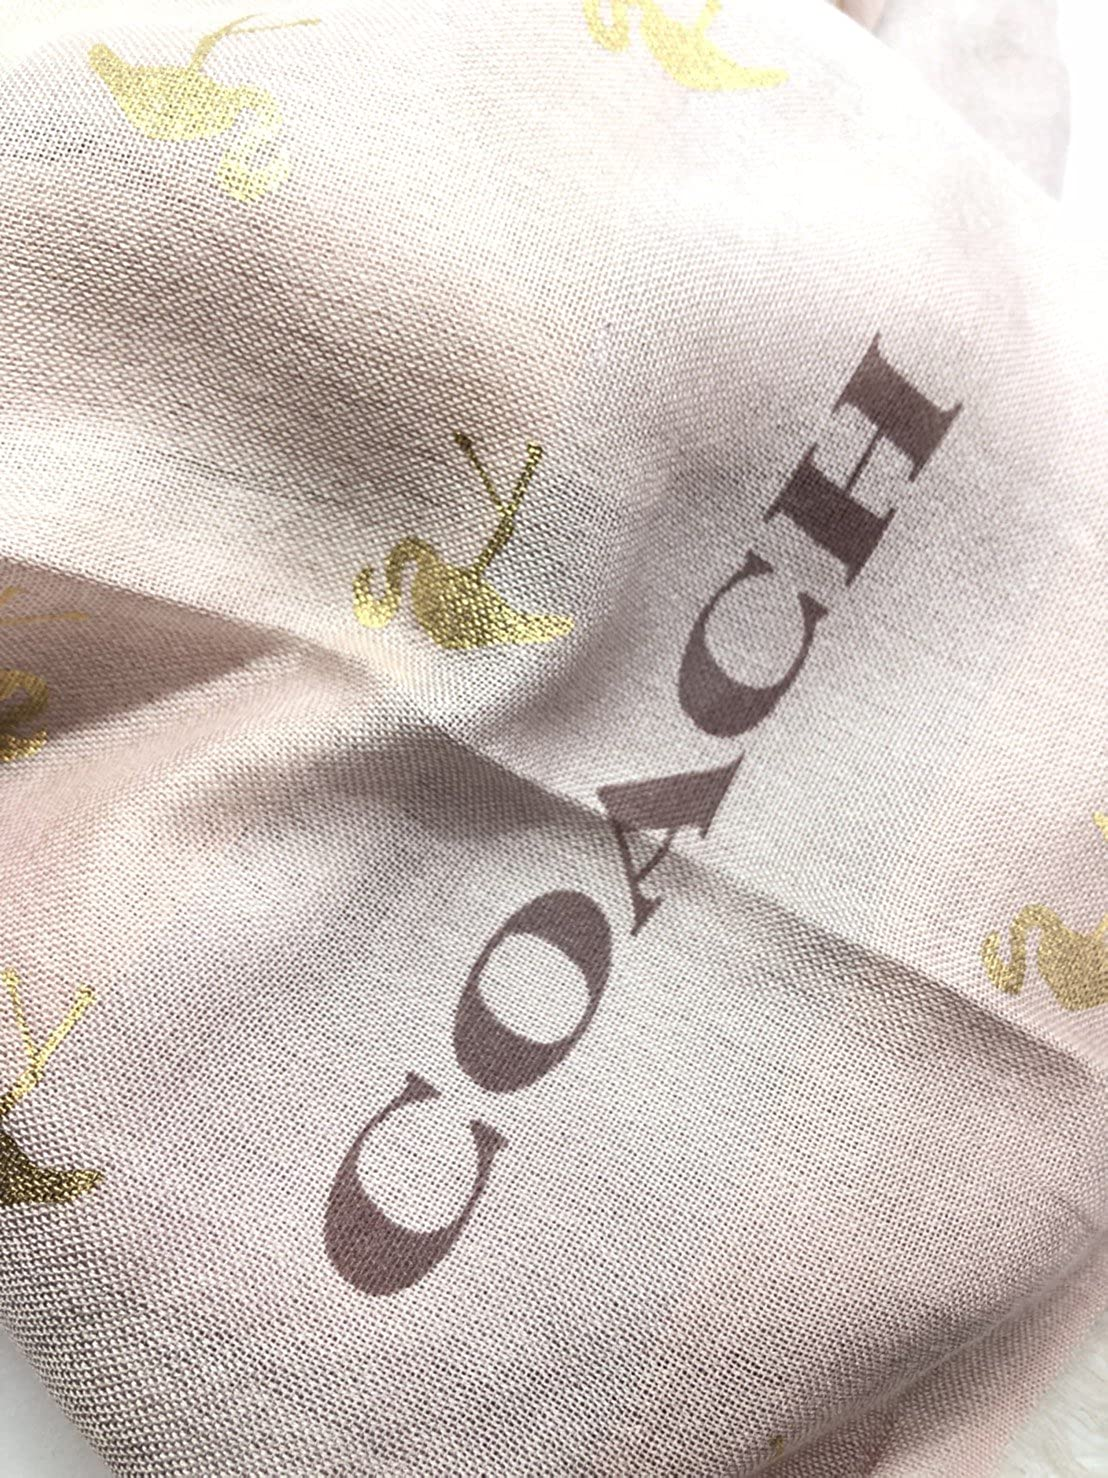 0eca3c2f5634 Amazon | [コーチ] COACH アパレル (ストール) ショール F28797 LPK グラデーションピンク フラミンゴ スカーフ レディース  [アウトレット品] [並行輸入品] | スカーフ ...